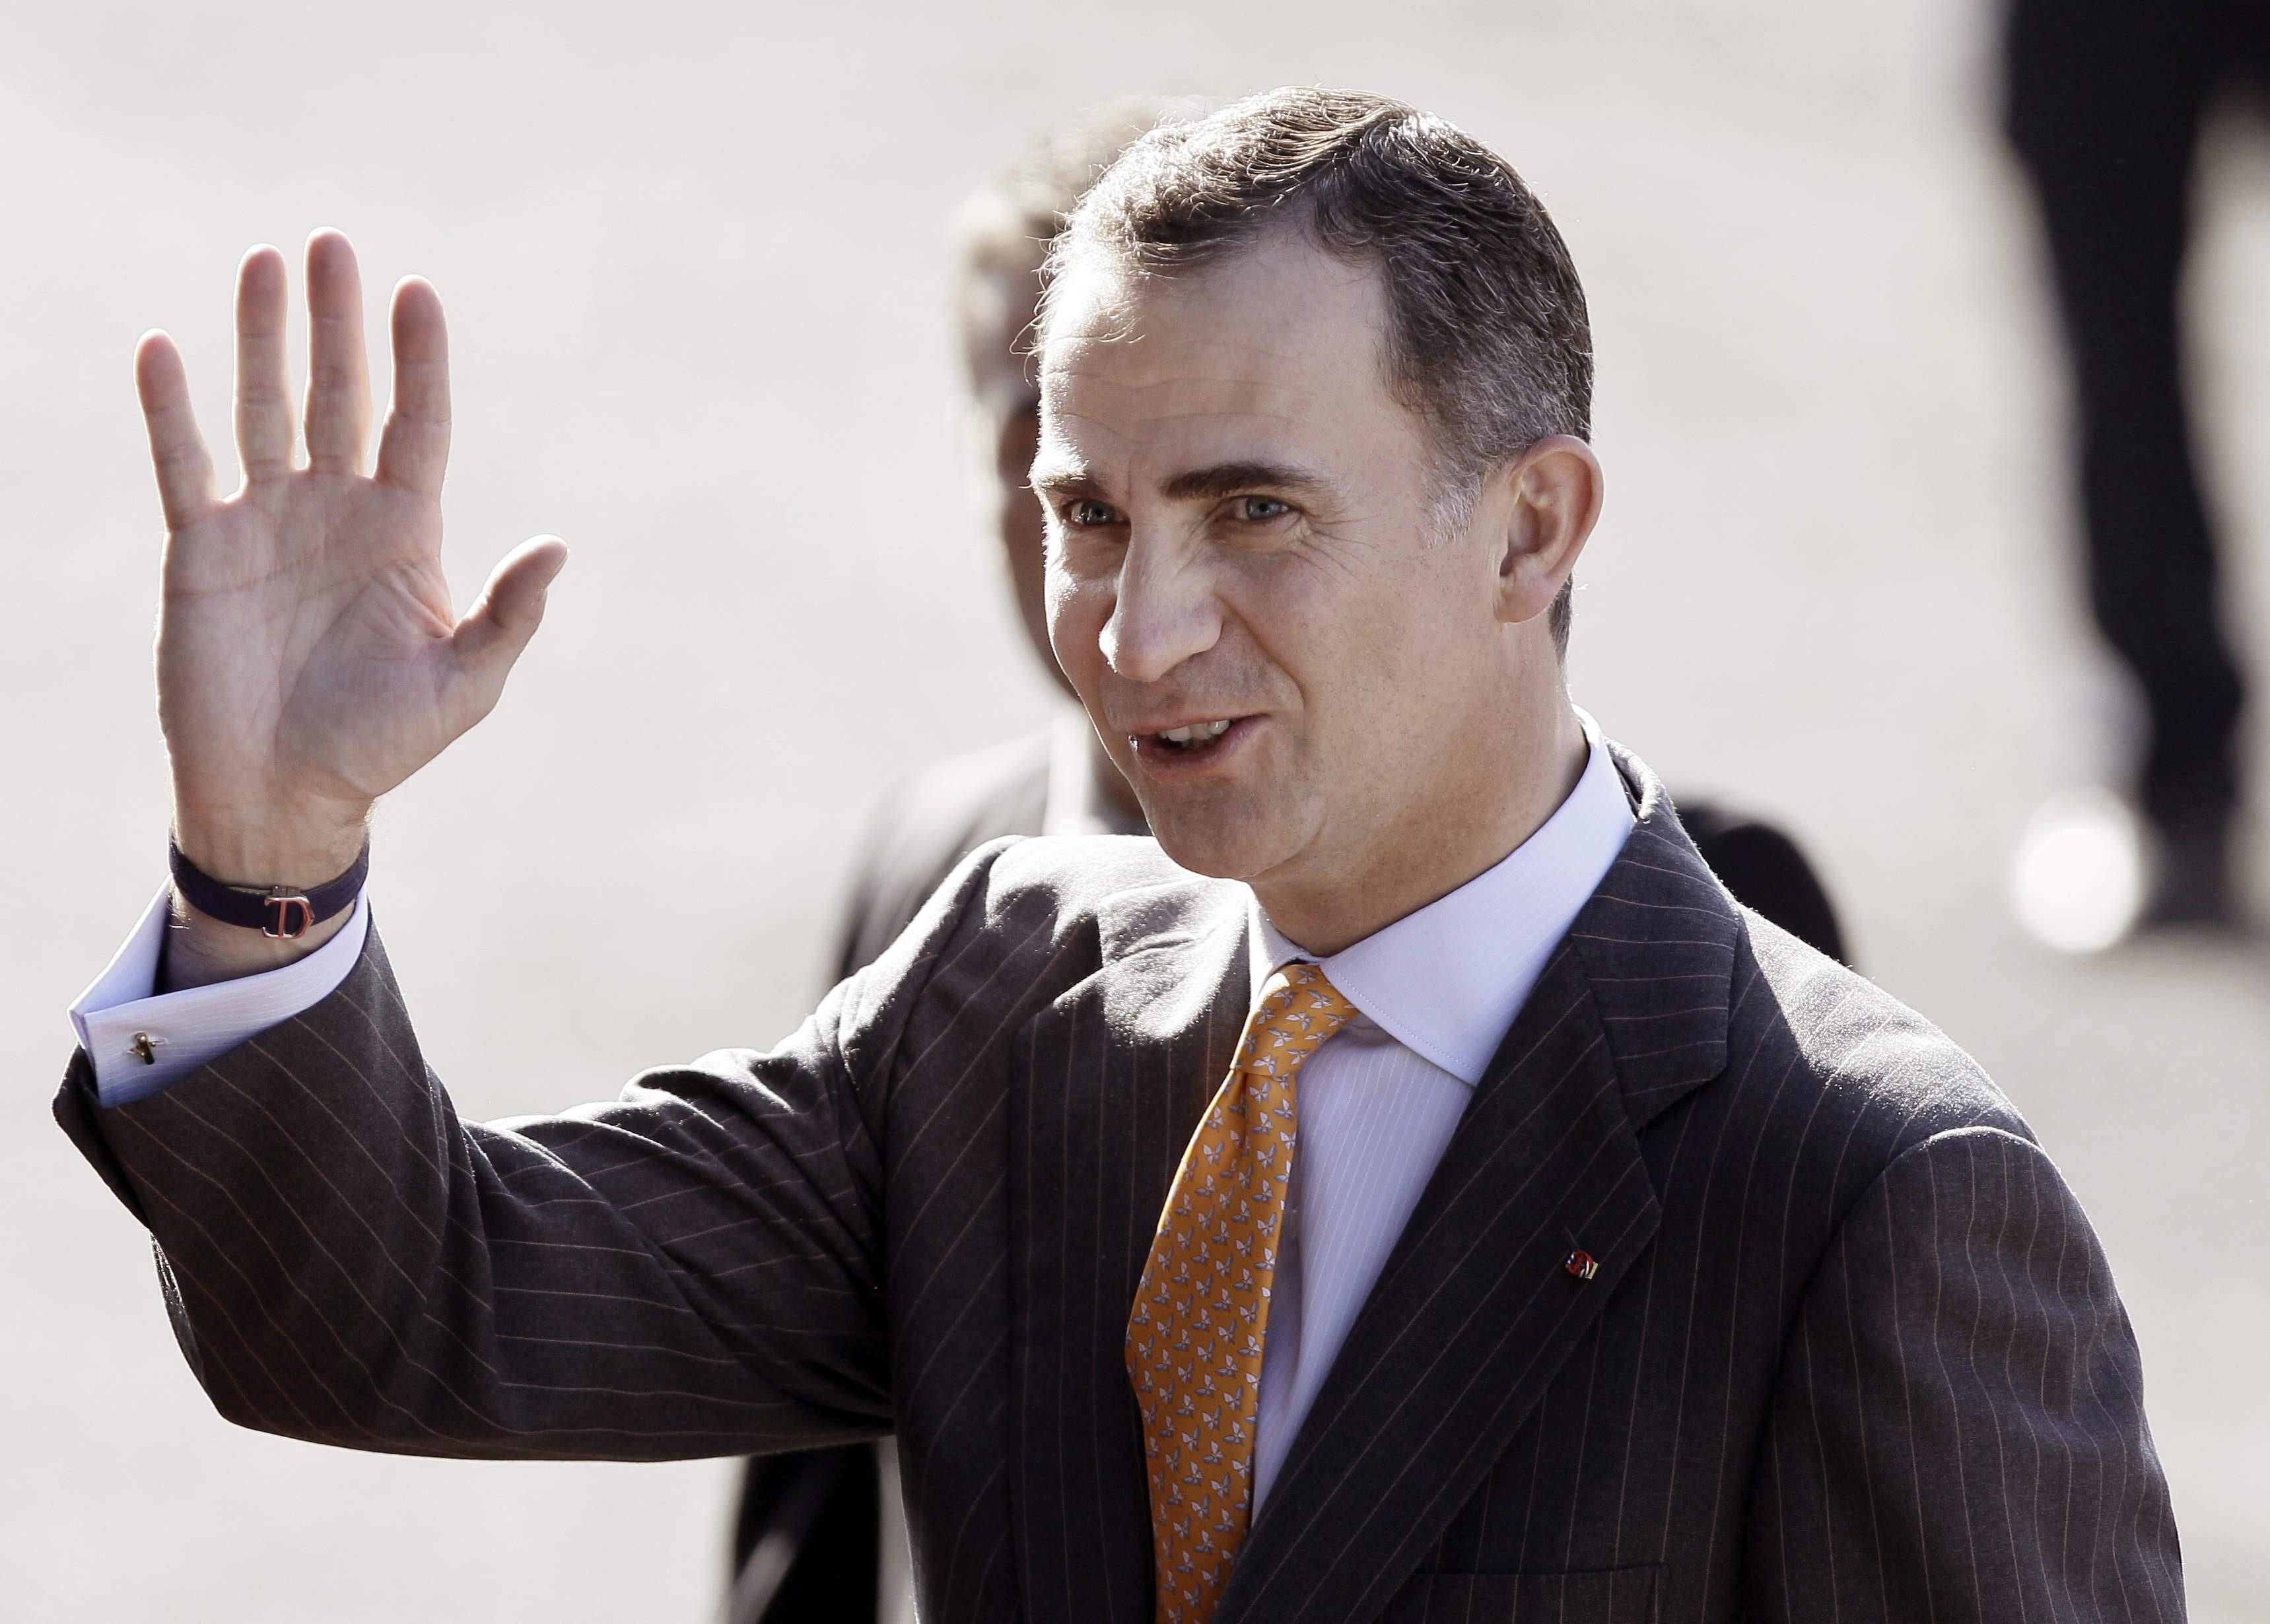 El Príncipe visita mañana Bilbao y el Rey estará el martes en Vitoria